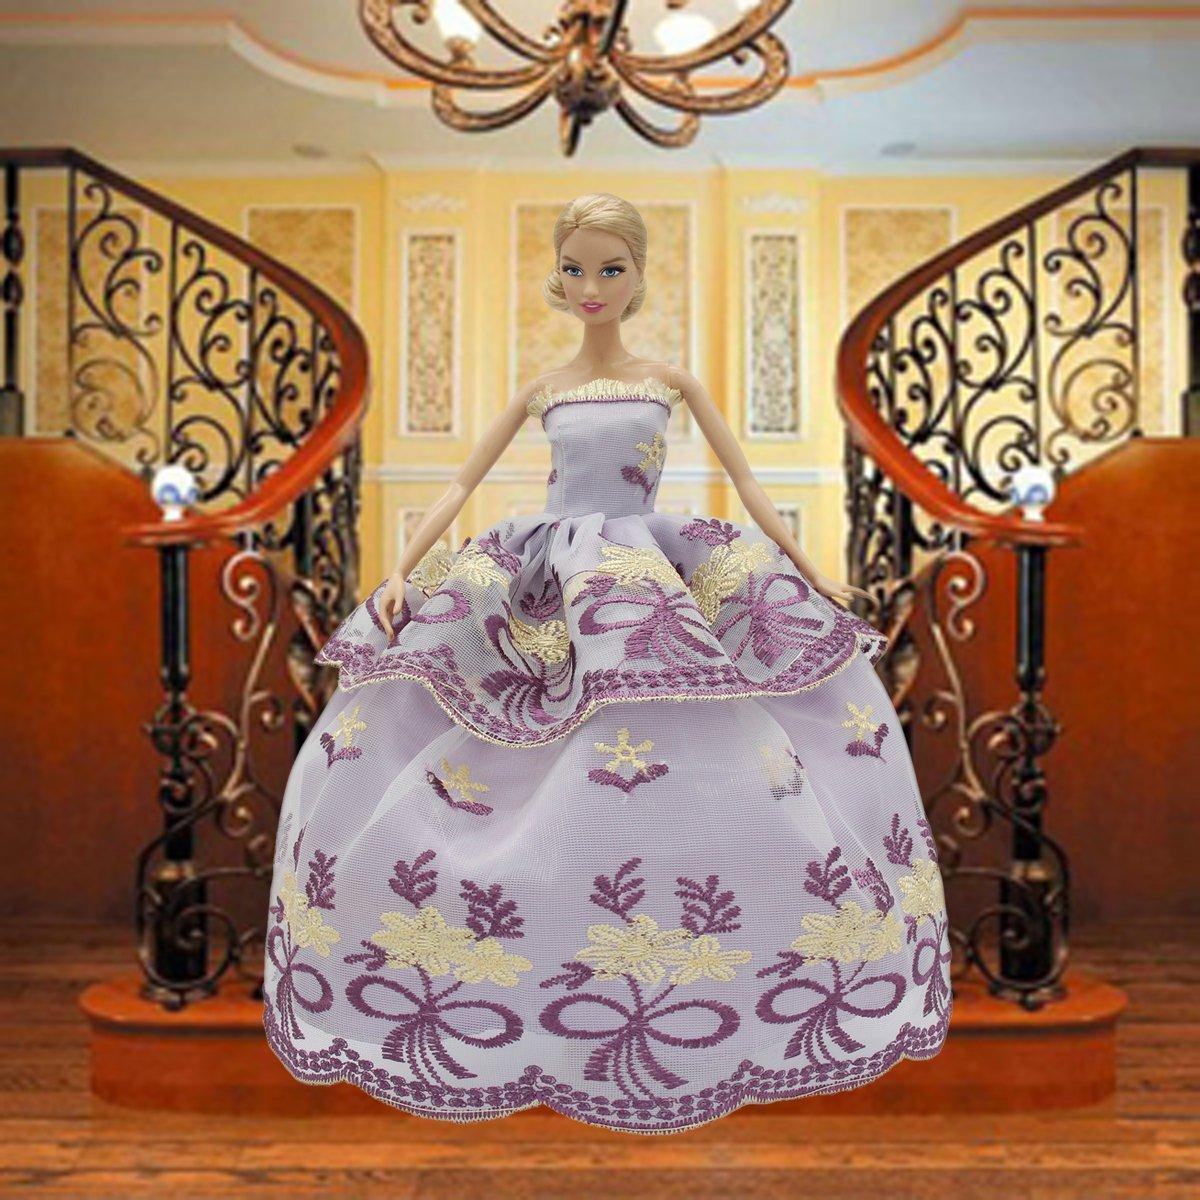 ZITA ELEMENT 6 Pezzi Moda Matrimonio Abiti Vestiti da Sera Festa Vestito per Barbie Bambole by Selezionati A Caso